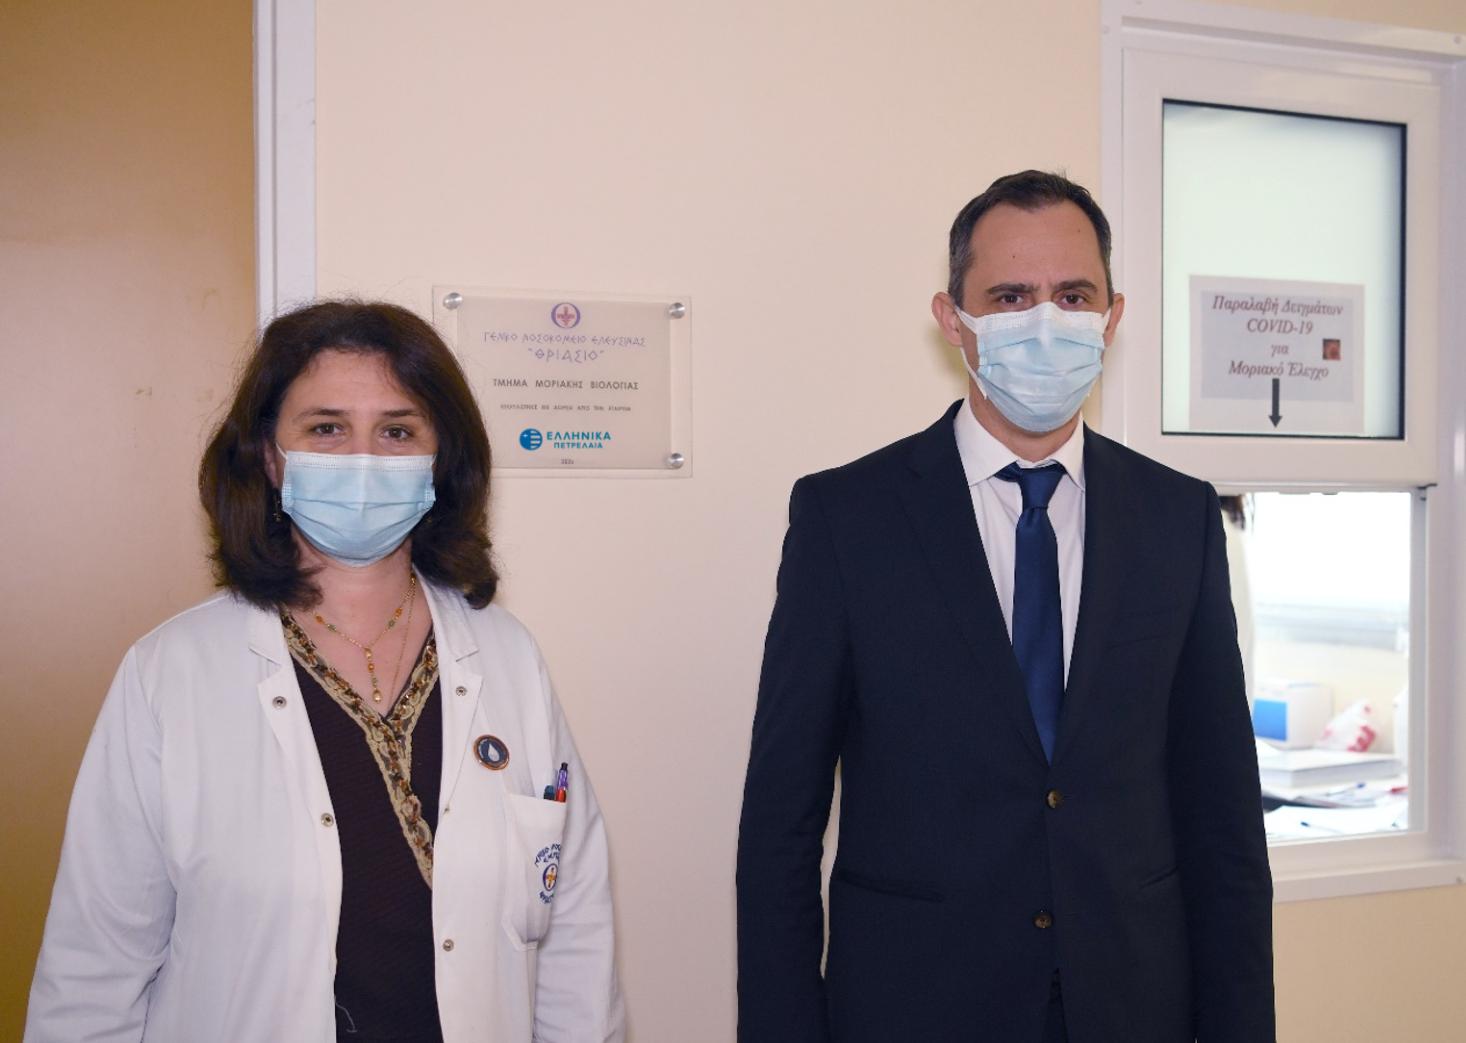 ΕΛΠΕ: Νέα δωρεά 5.000 αντιδραστηρίων στο «ΘΡΙΑΣΙΟ» Νοσοκομείο για την ταχύτερη διάγνωση του COVID-19